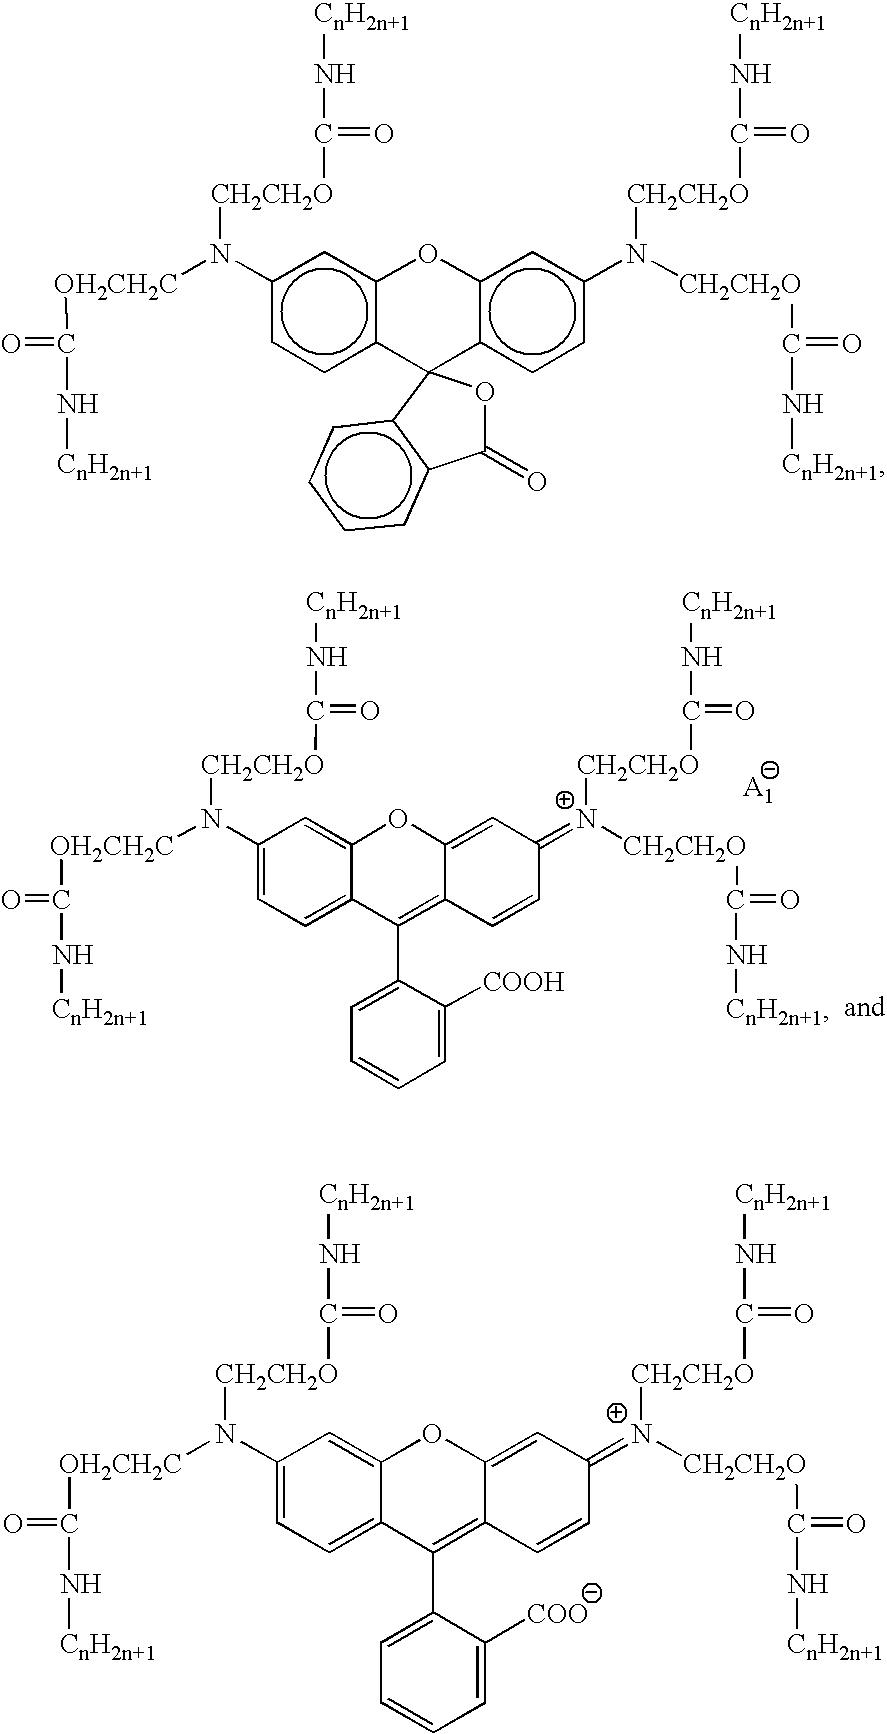 Figure US07311767-20071225-C00094